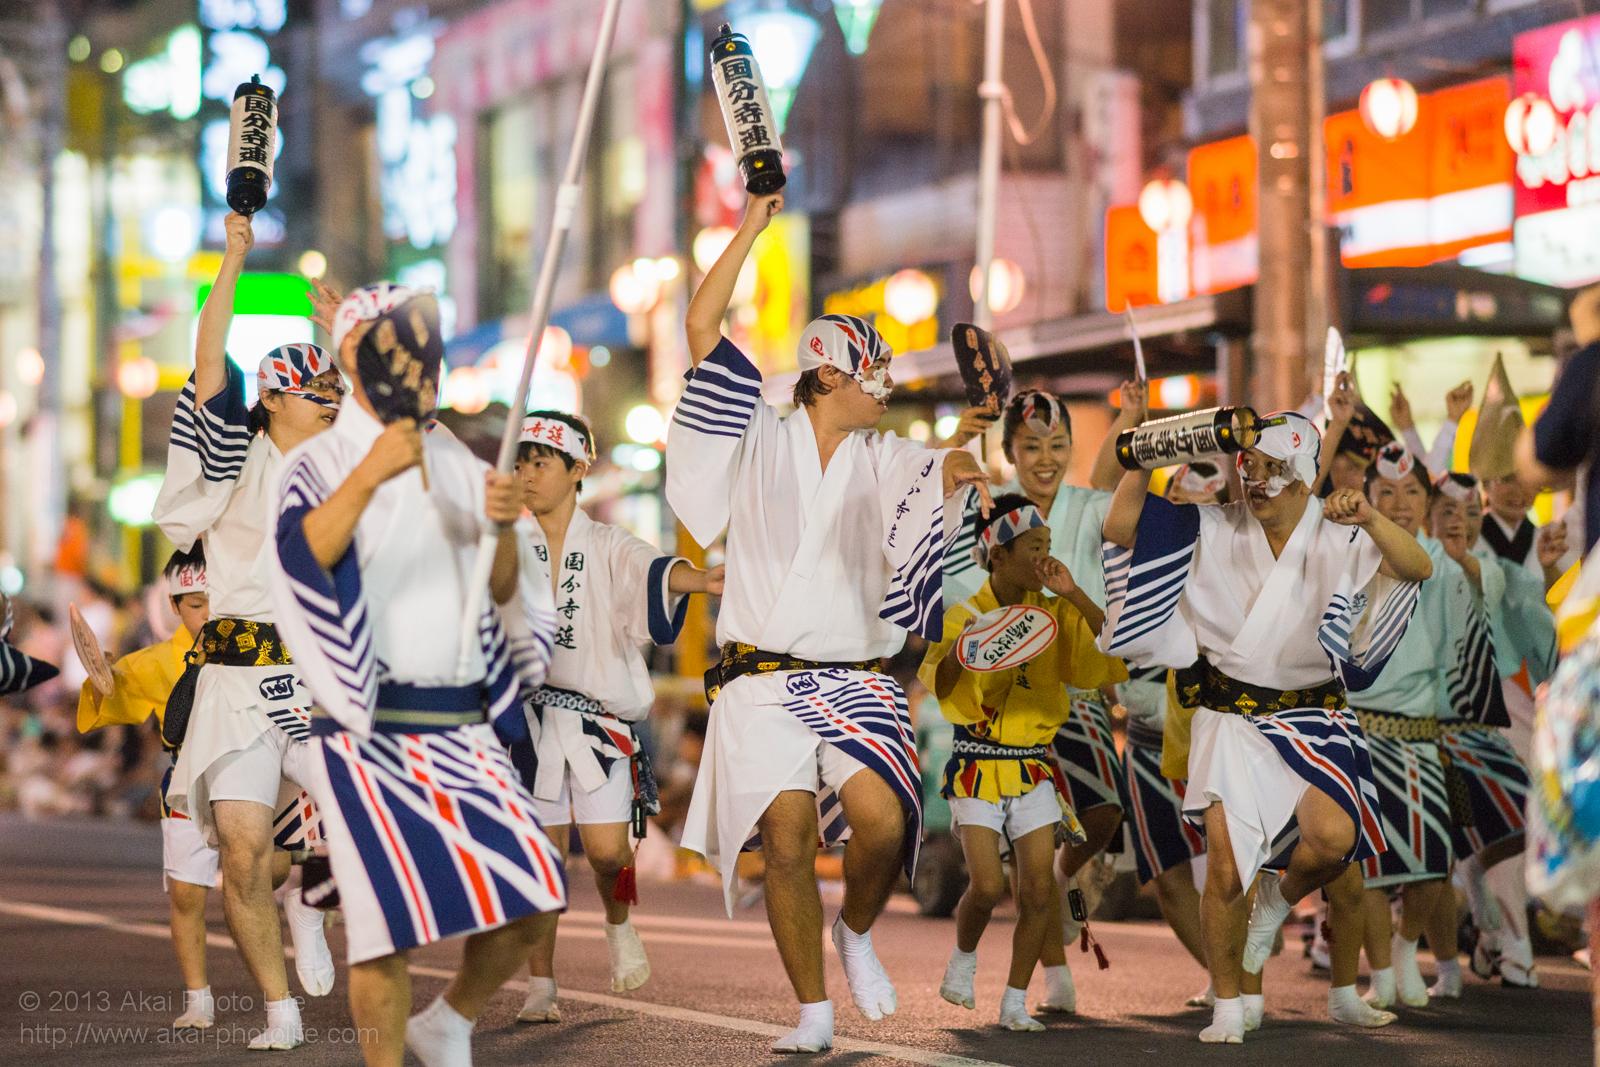 踊れ西八夏まつり、国分寺連の写真